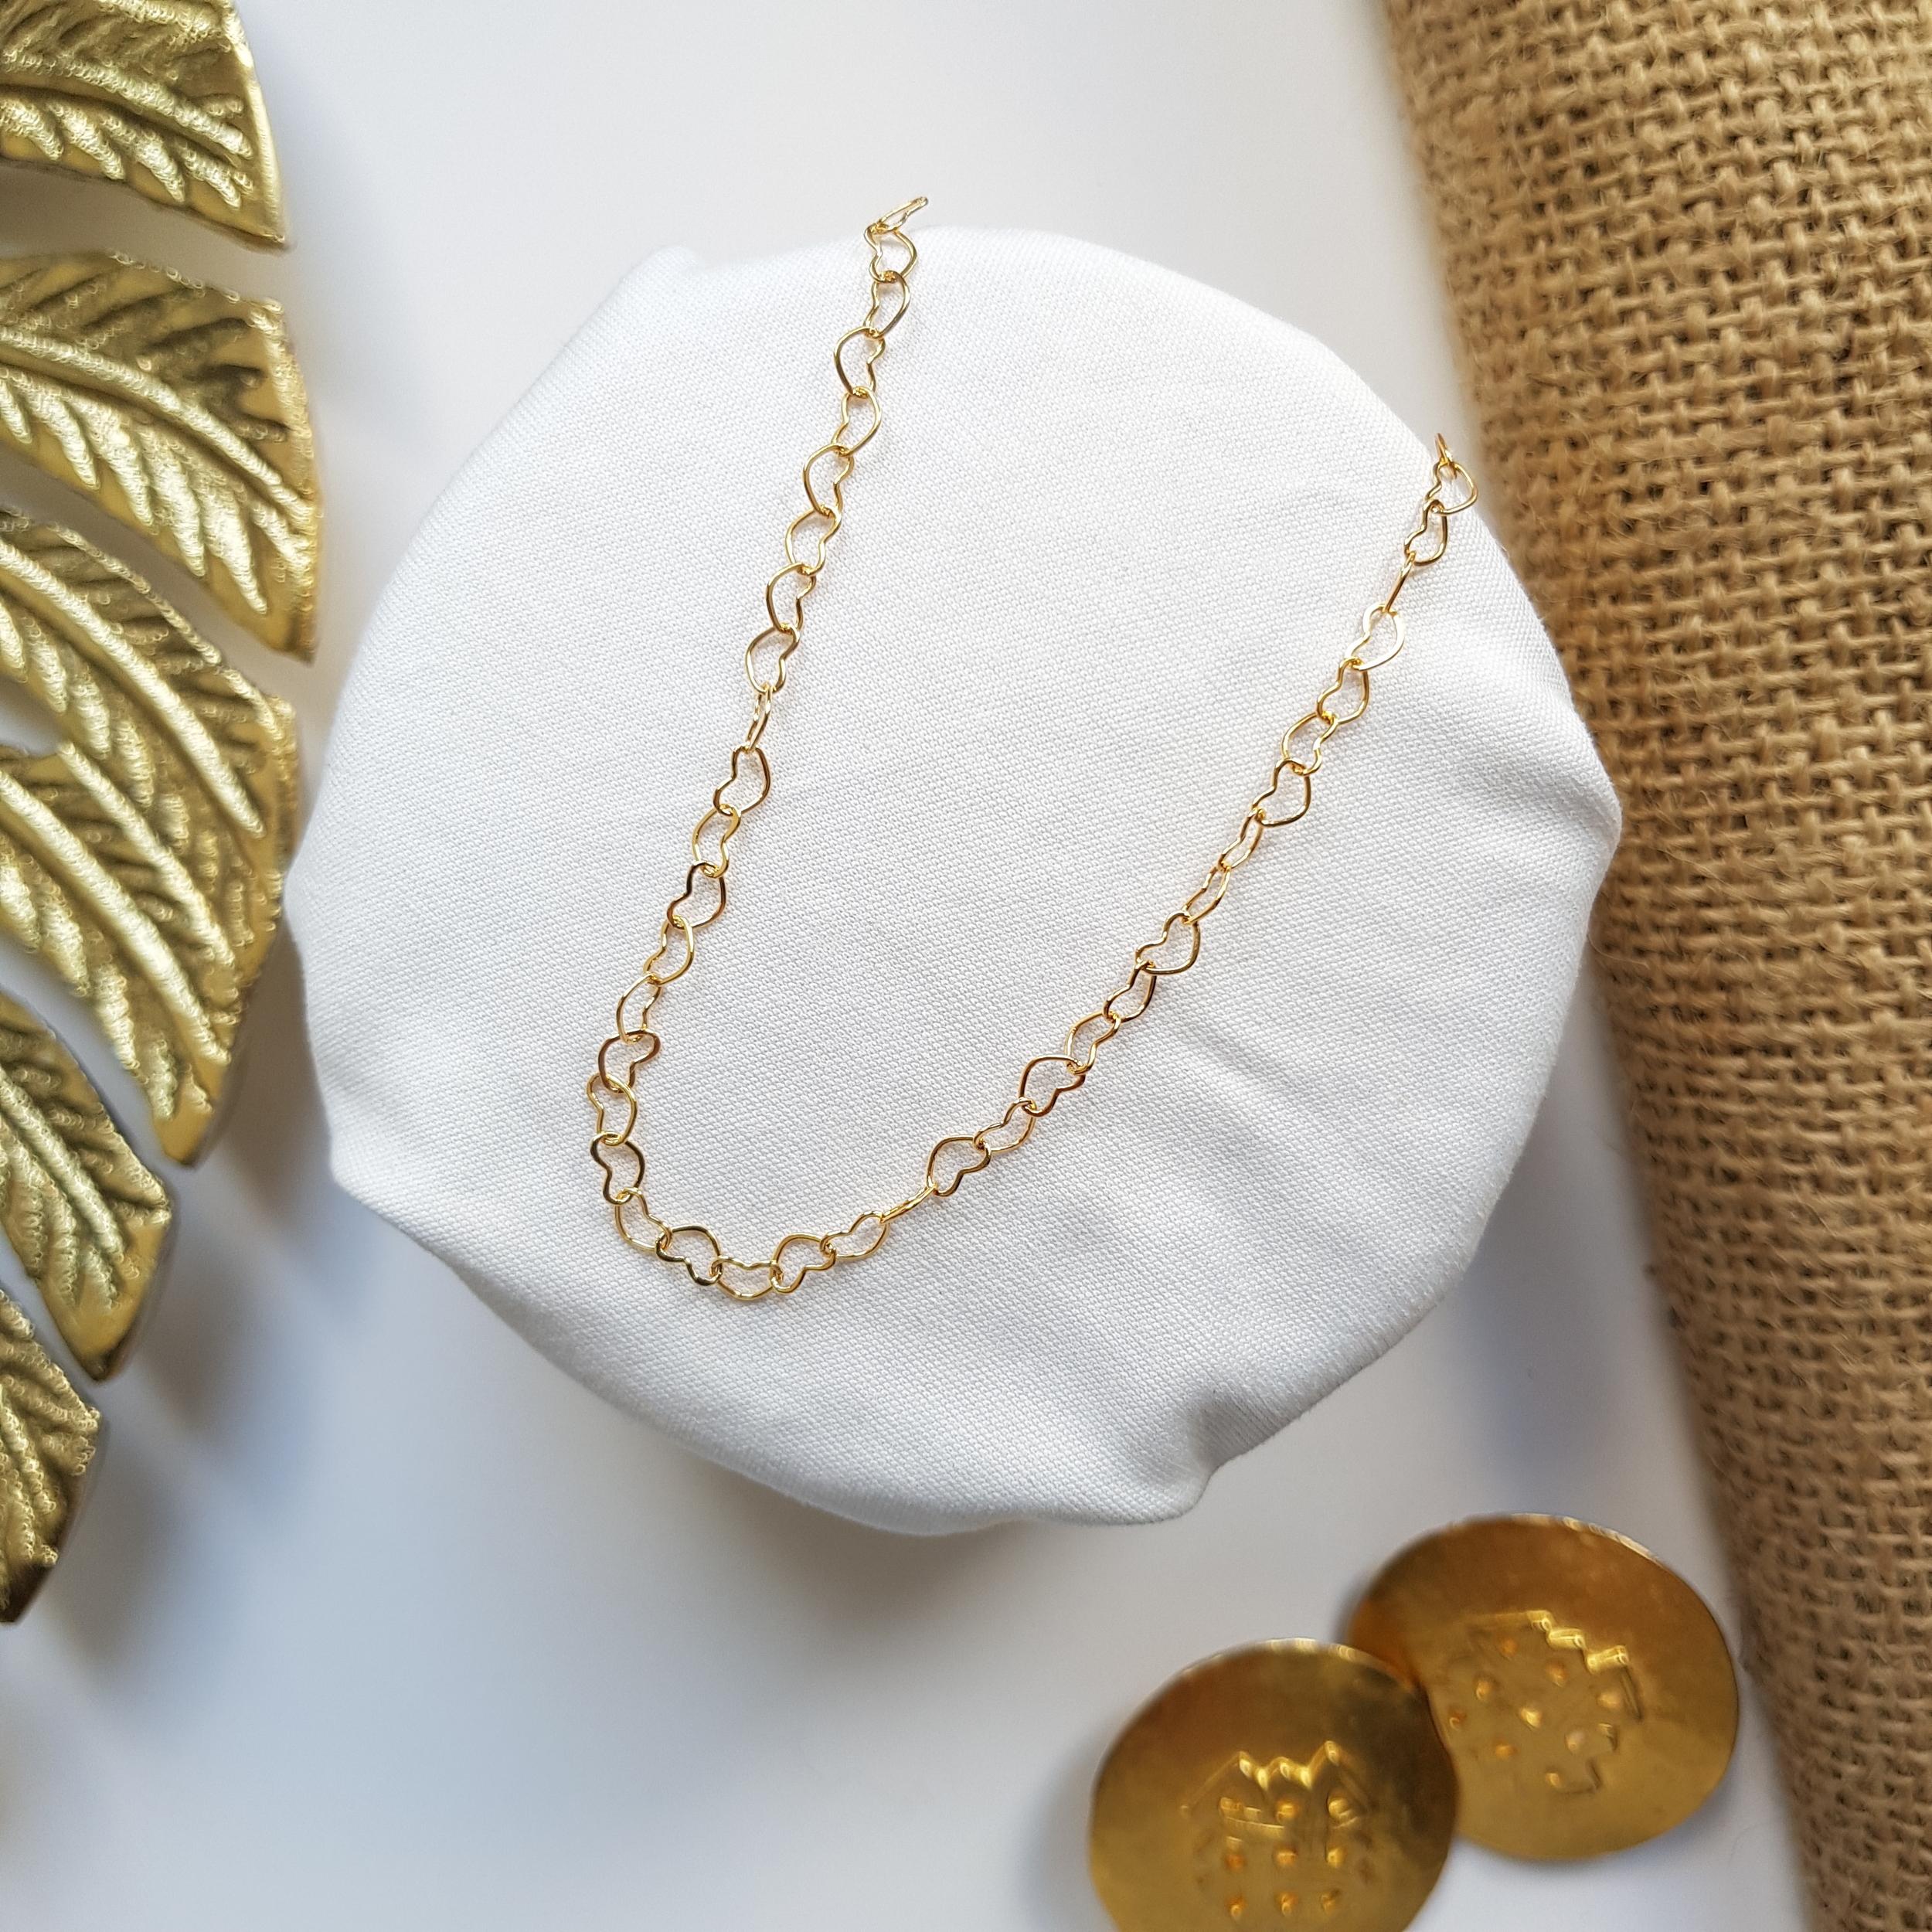 Bracelet de cheville - Romantic